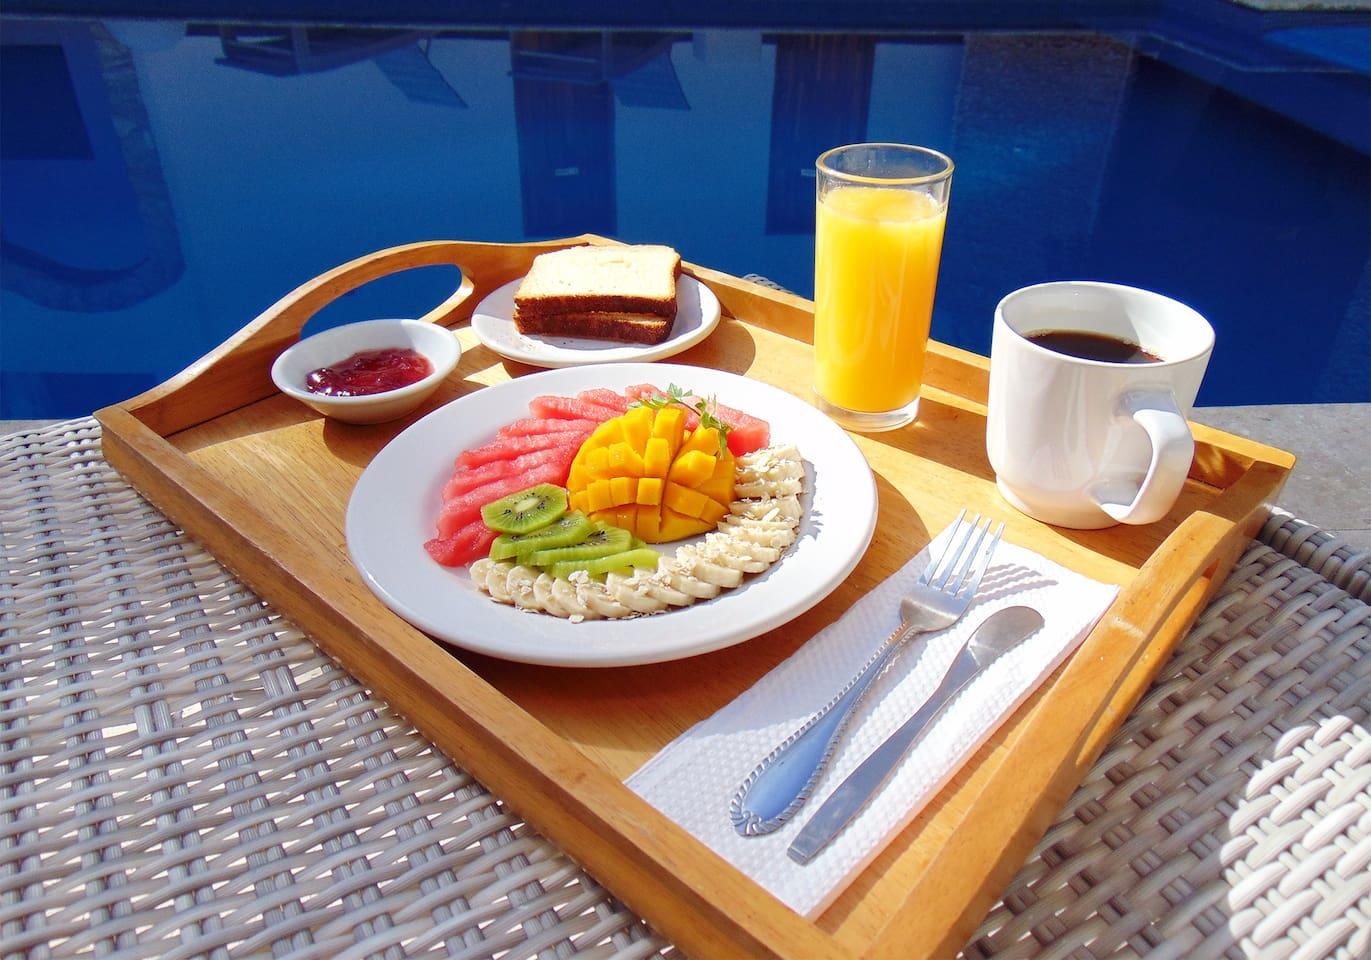 Desayuno continental incluido / Continental breakfast included